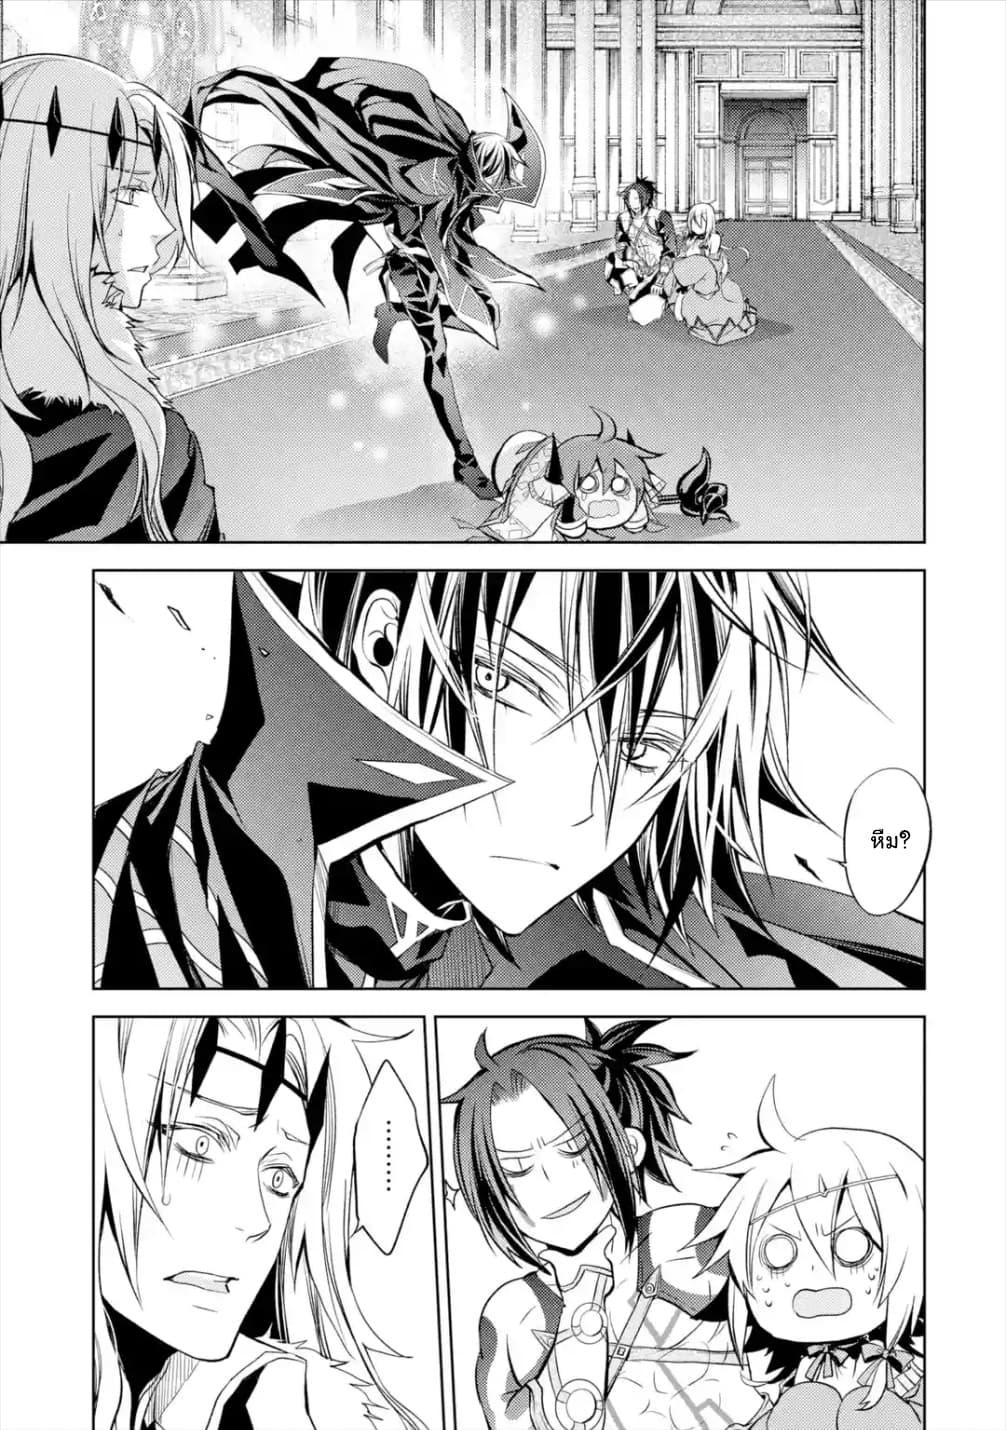 อ่านการ์ตูน Senmetsumadou no Saikyokenja ตอนที่ 5.1 หน้าที่ 2